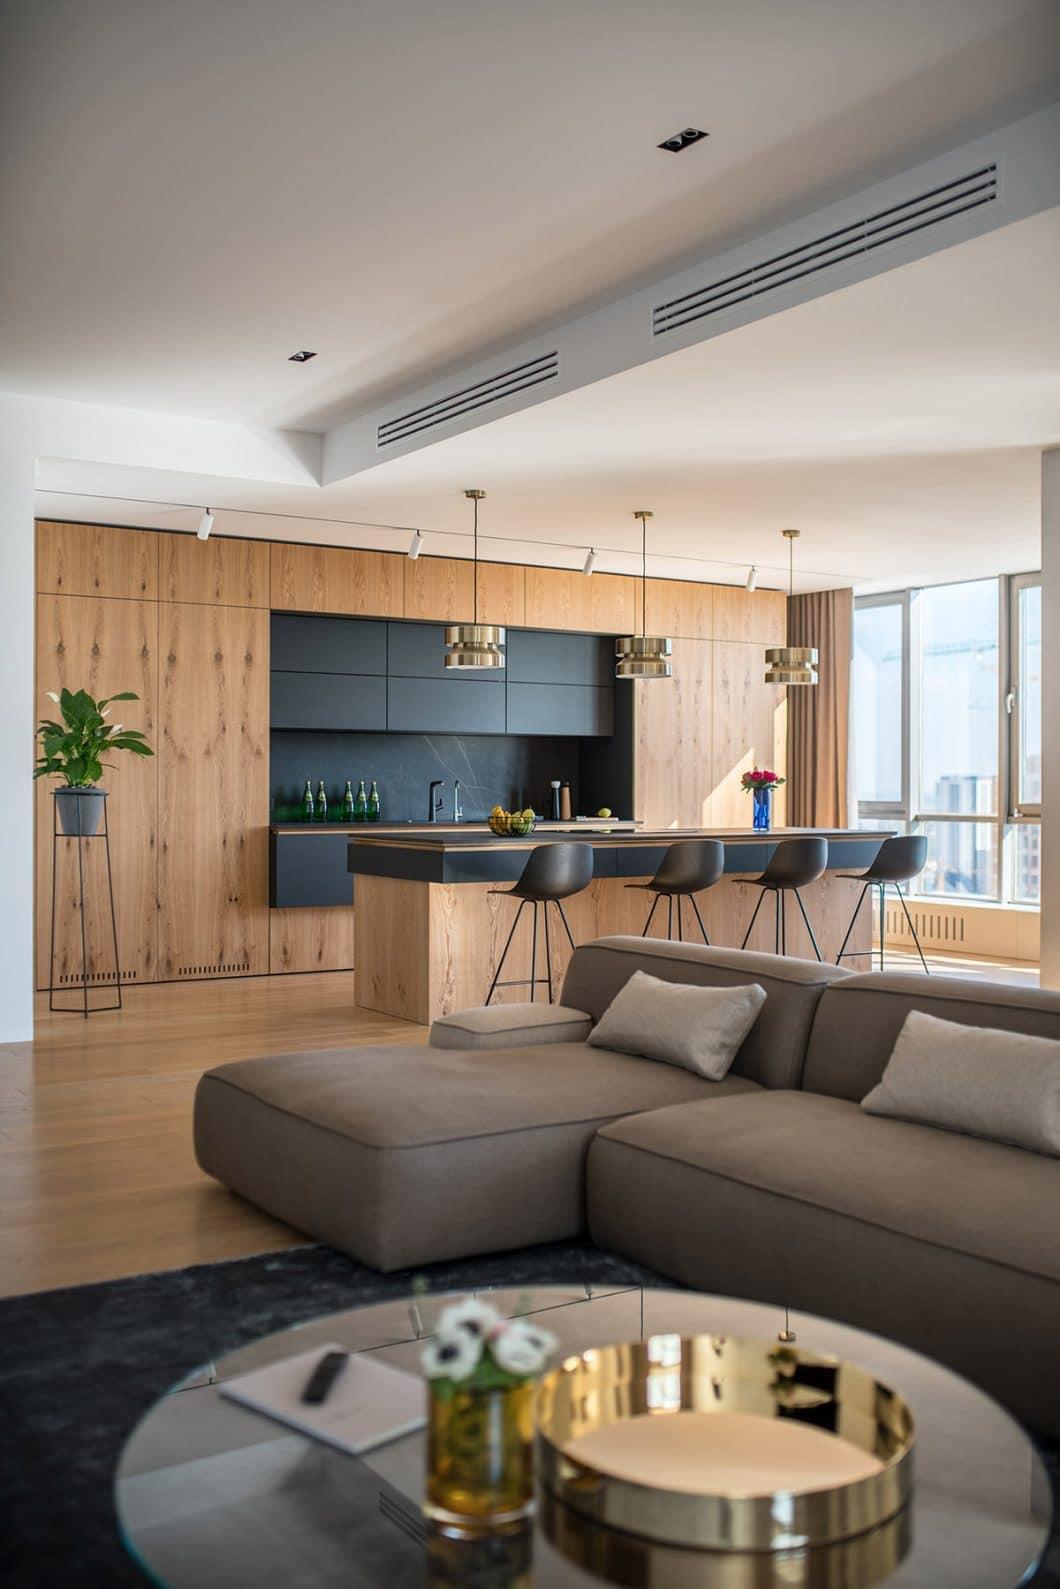 Die moderne Holzküche ist das Herzstück des Appartements. Hier können private Feiern sowie gemütliche Familienessen vorbereitet werden. (Foto: Andrey Bezuglov)